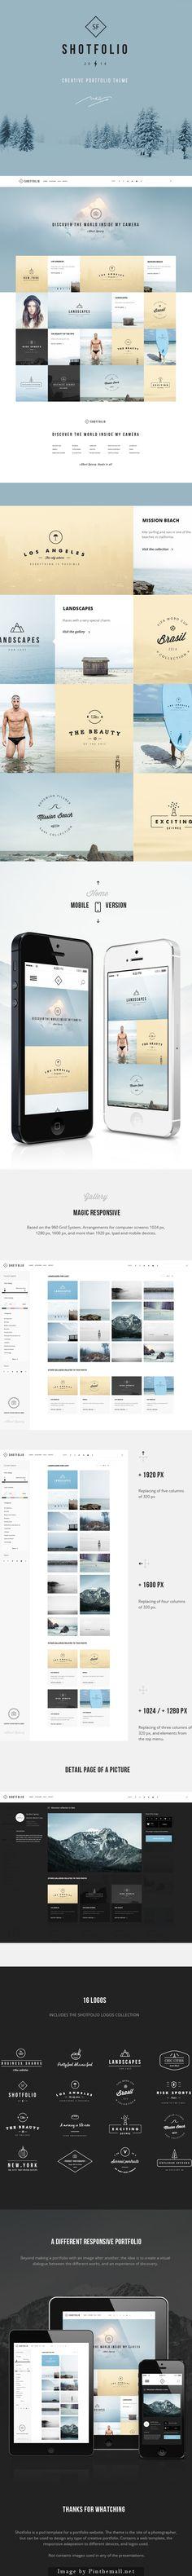 #webdesign #mobile #digital #ui #ux